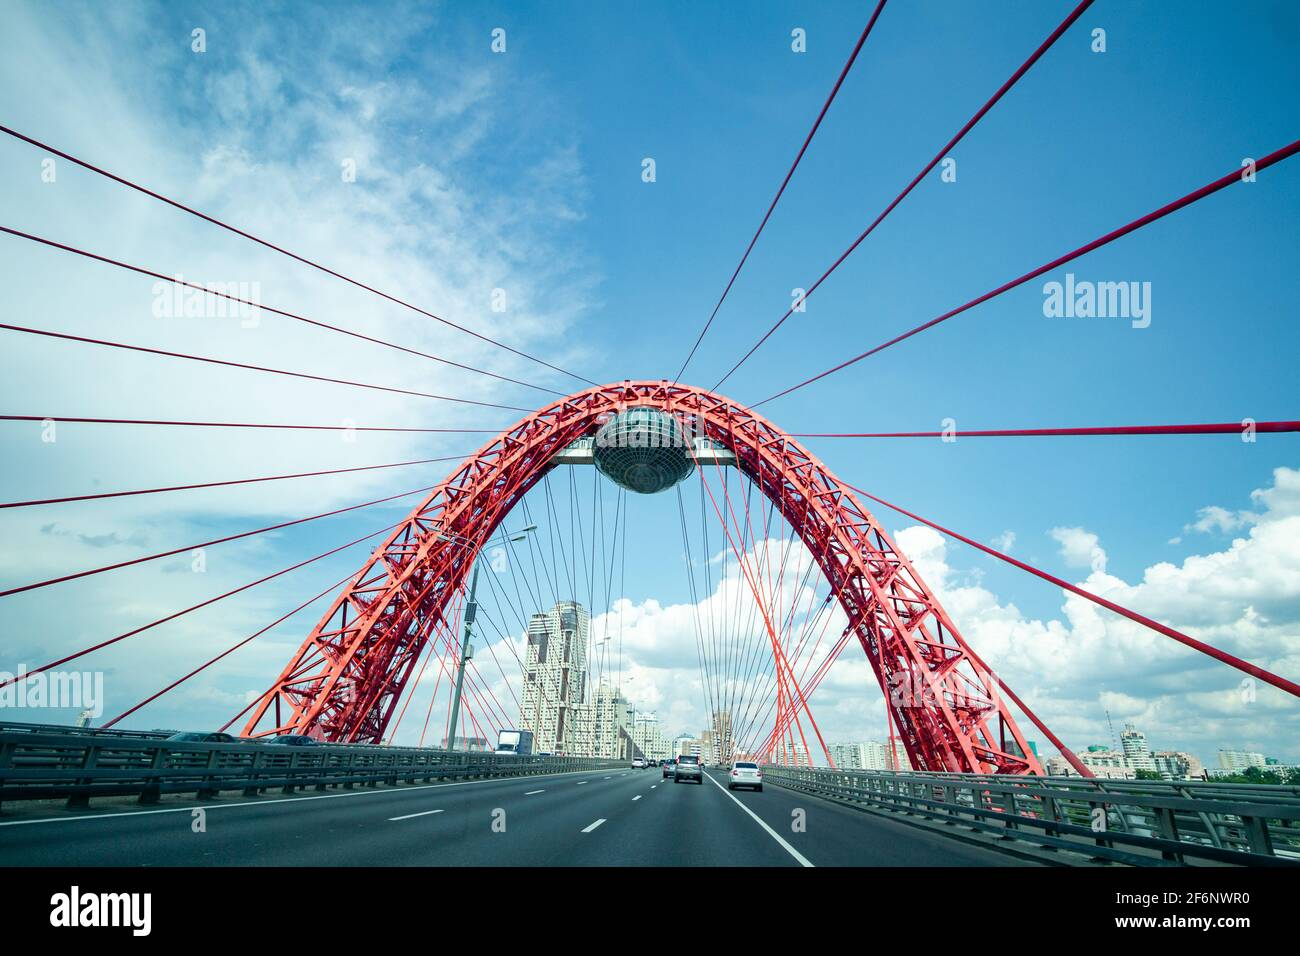 Moscú, Rusia - 12 de julio de 2020: Cable-permaneció puente rojo en Moscú. Estructura de ingeniería única. Foto de stock